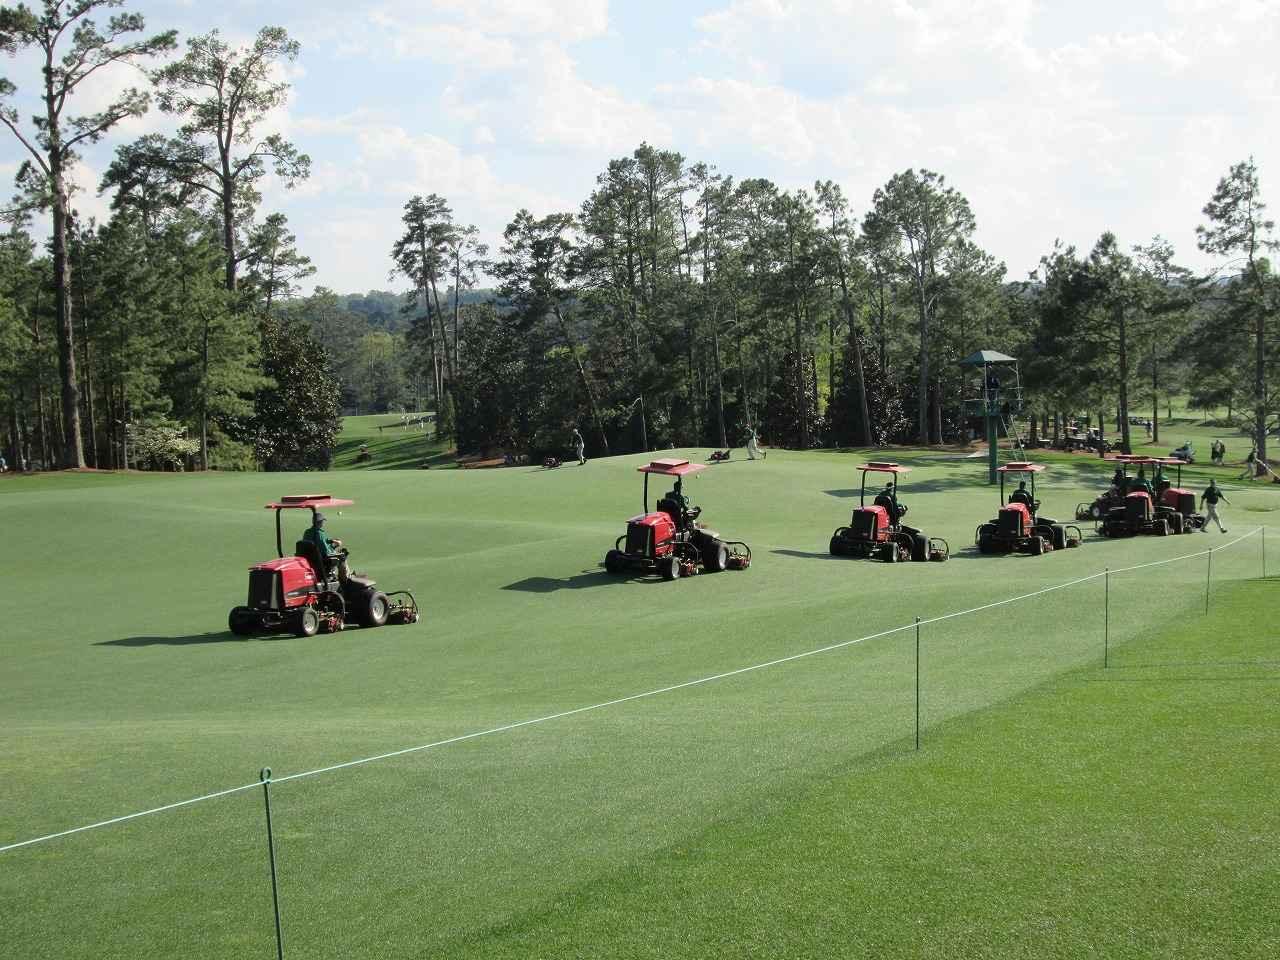 画像: オーガスタナショナルGCのコース管理風景。毎年、この4日間のために完璧に整備される